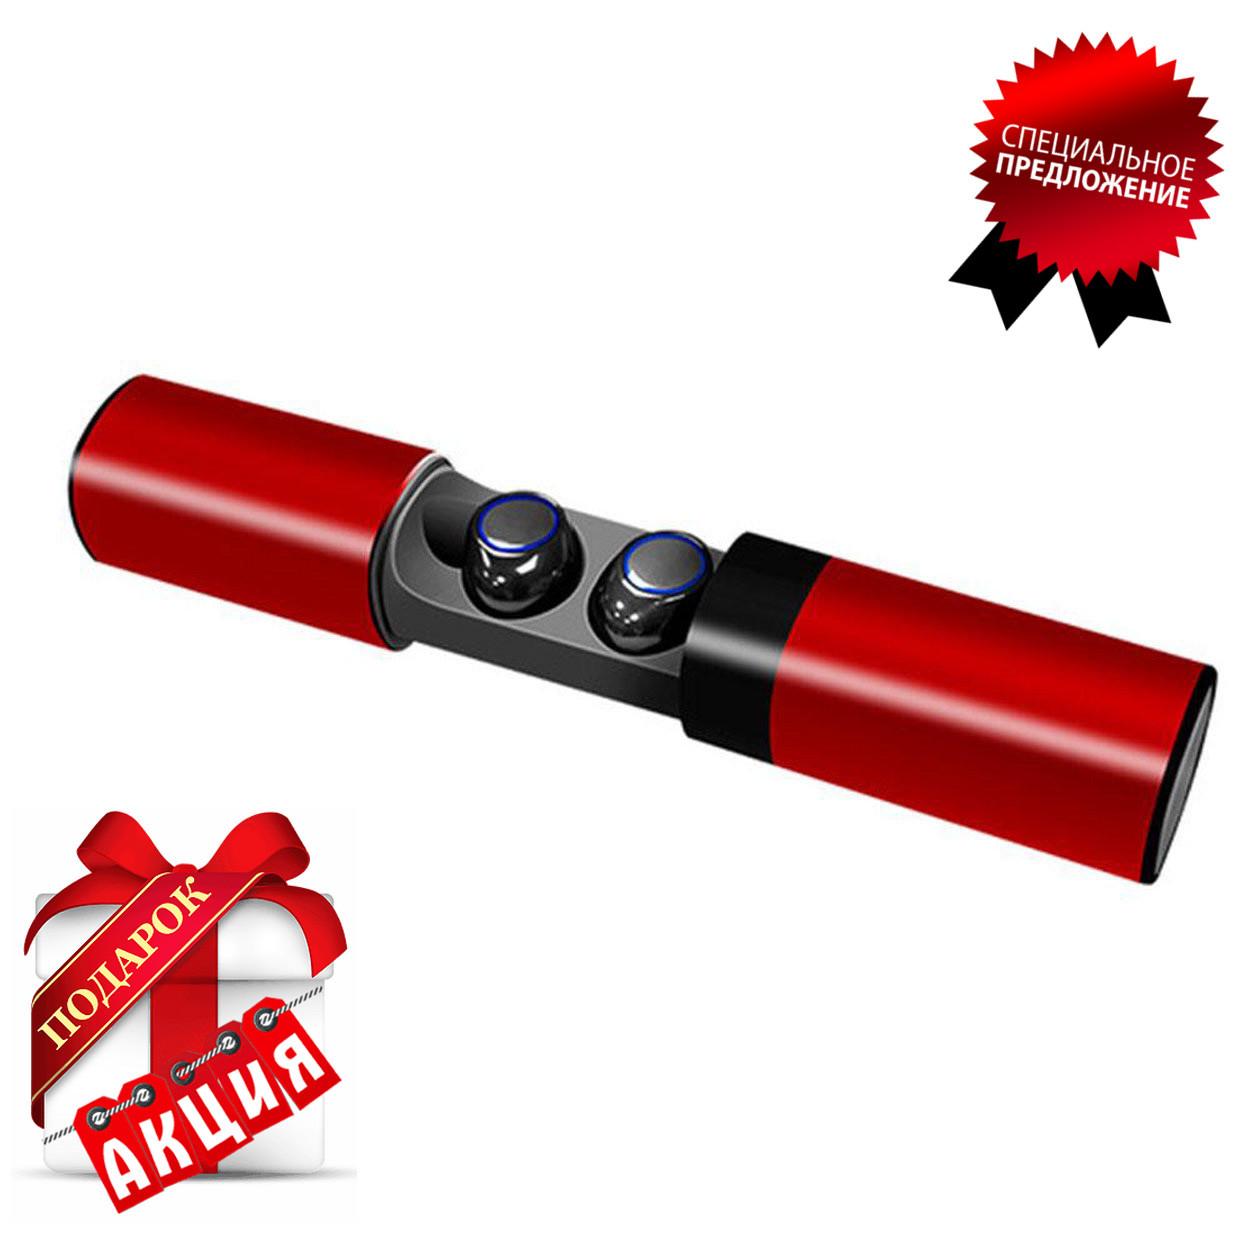 Беспроводные наушники блютуз гарнитура Bluetooth 4.2 Wi-pods S2 Оригинал водонепроницаемые Красный